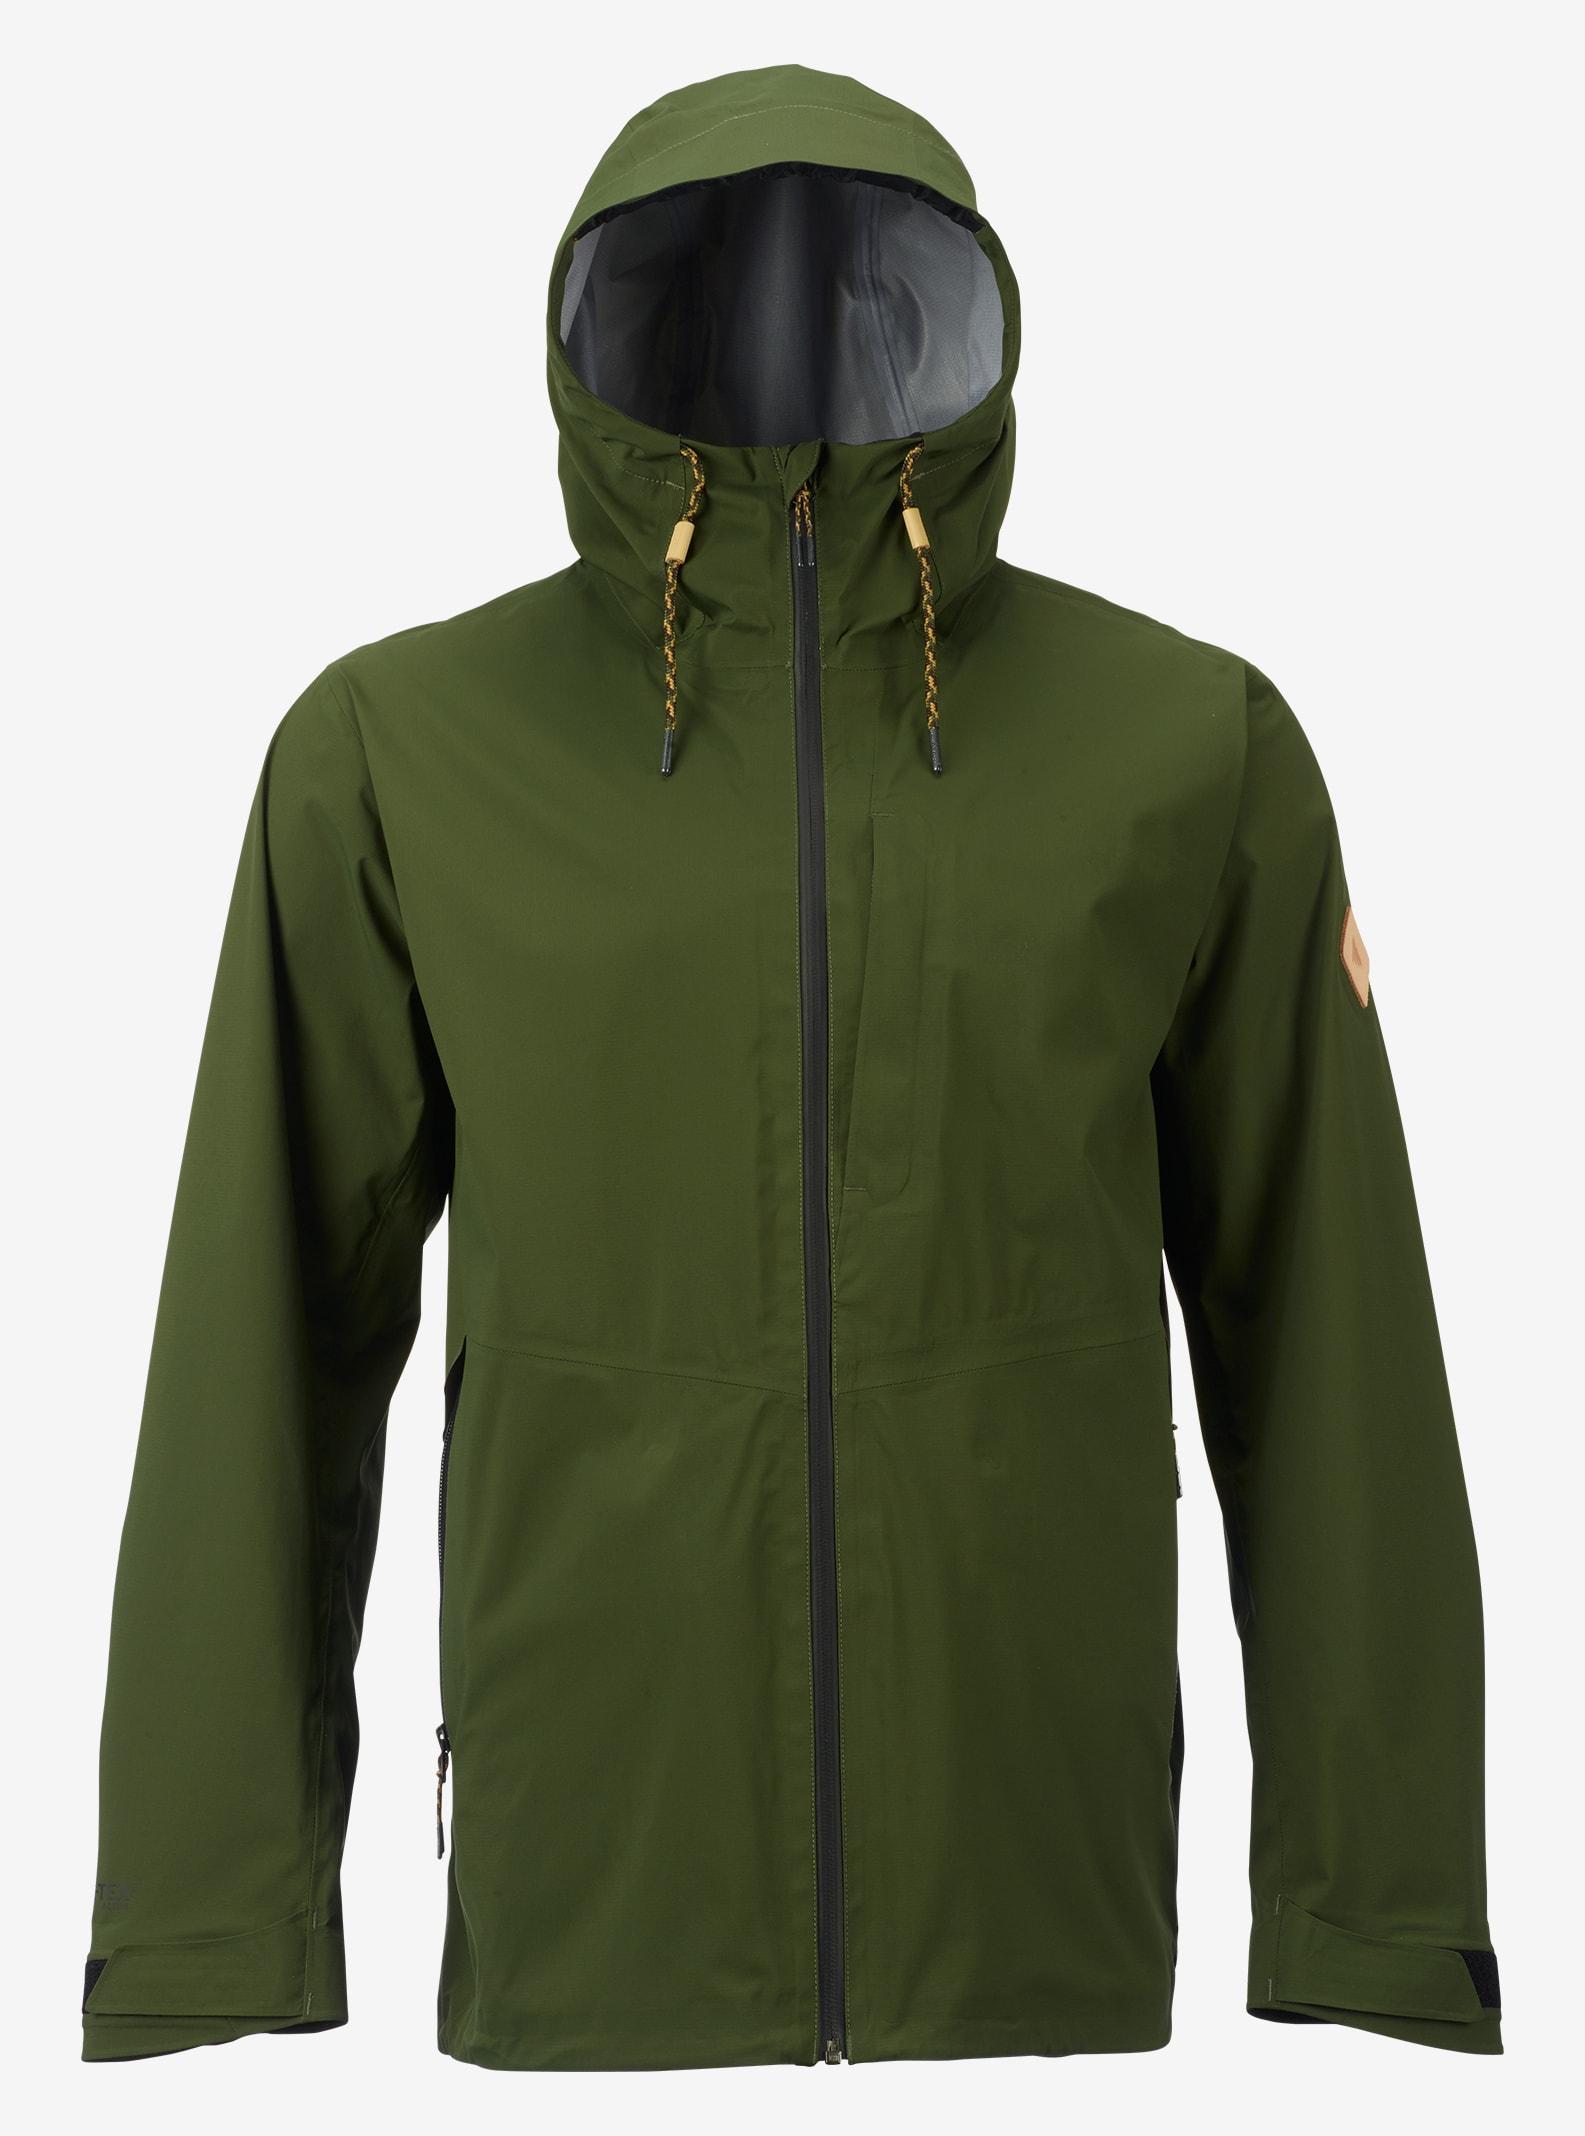 Burton - Veste imperméable Sterling en GORE-TEX® 3L affichage en Rifle Green